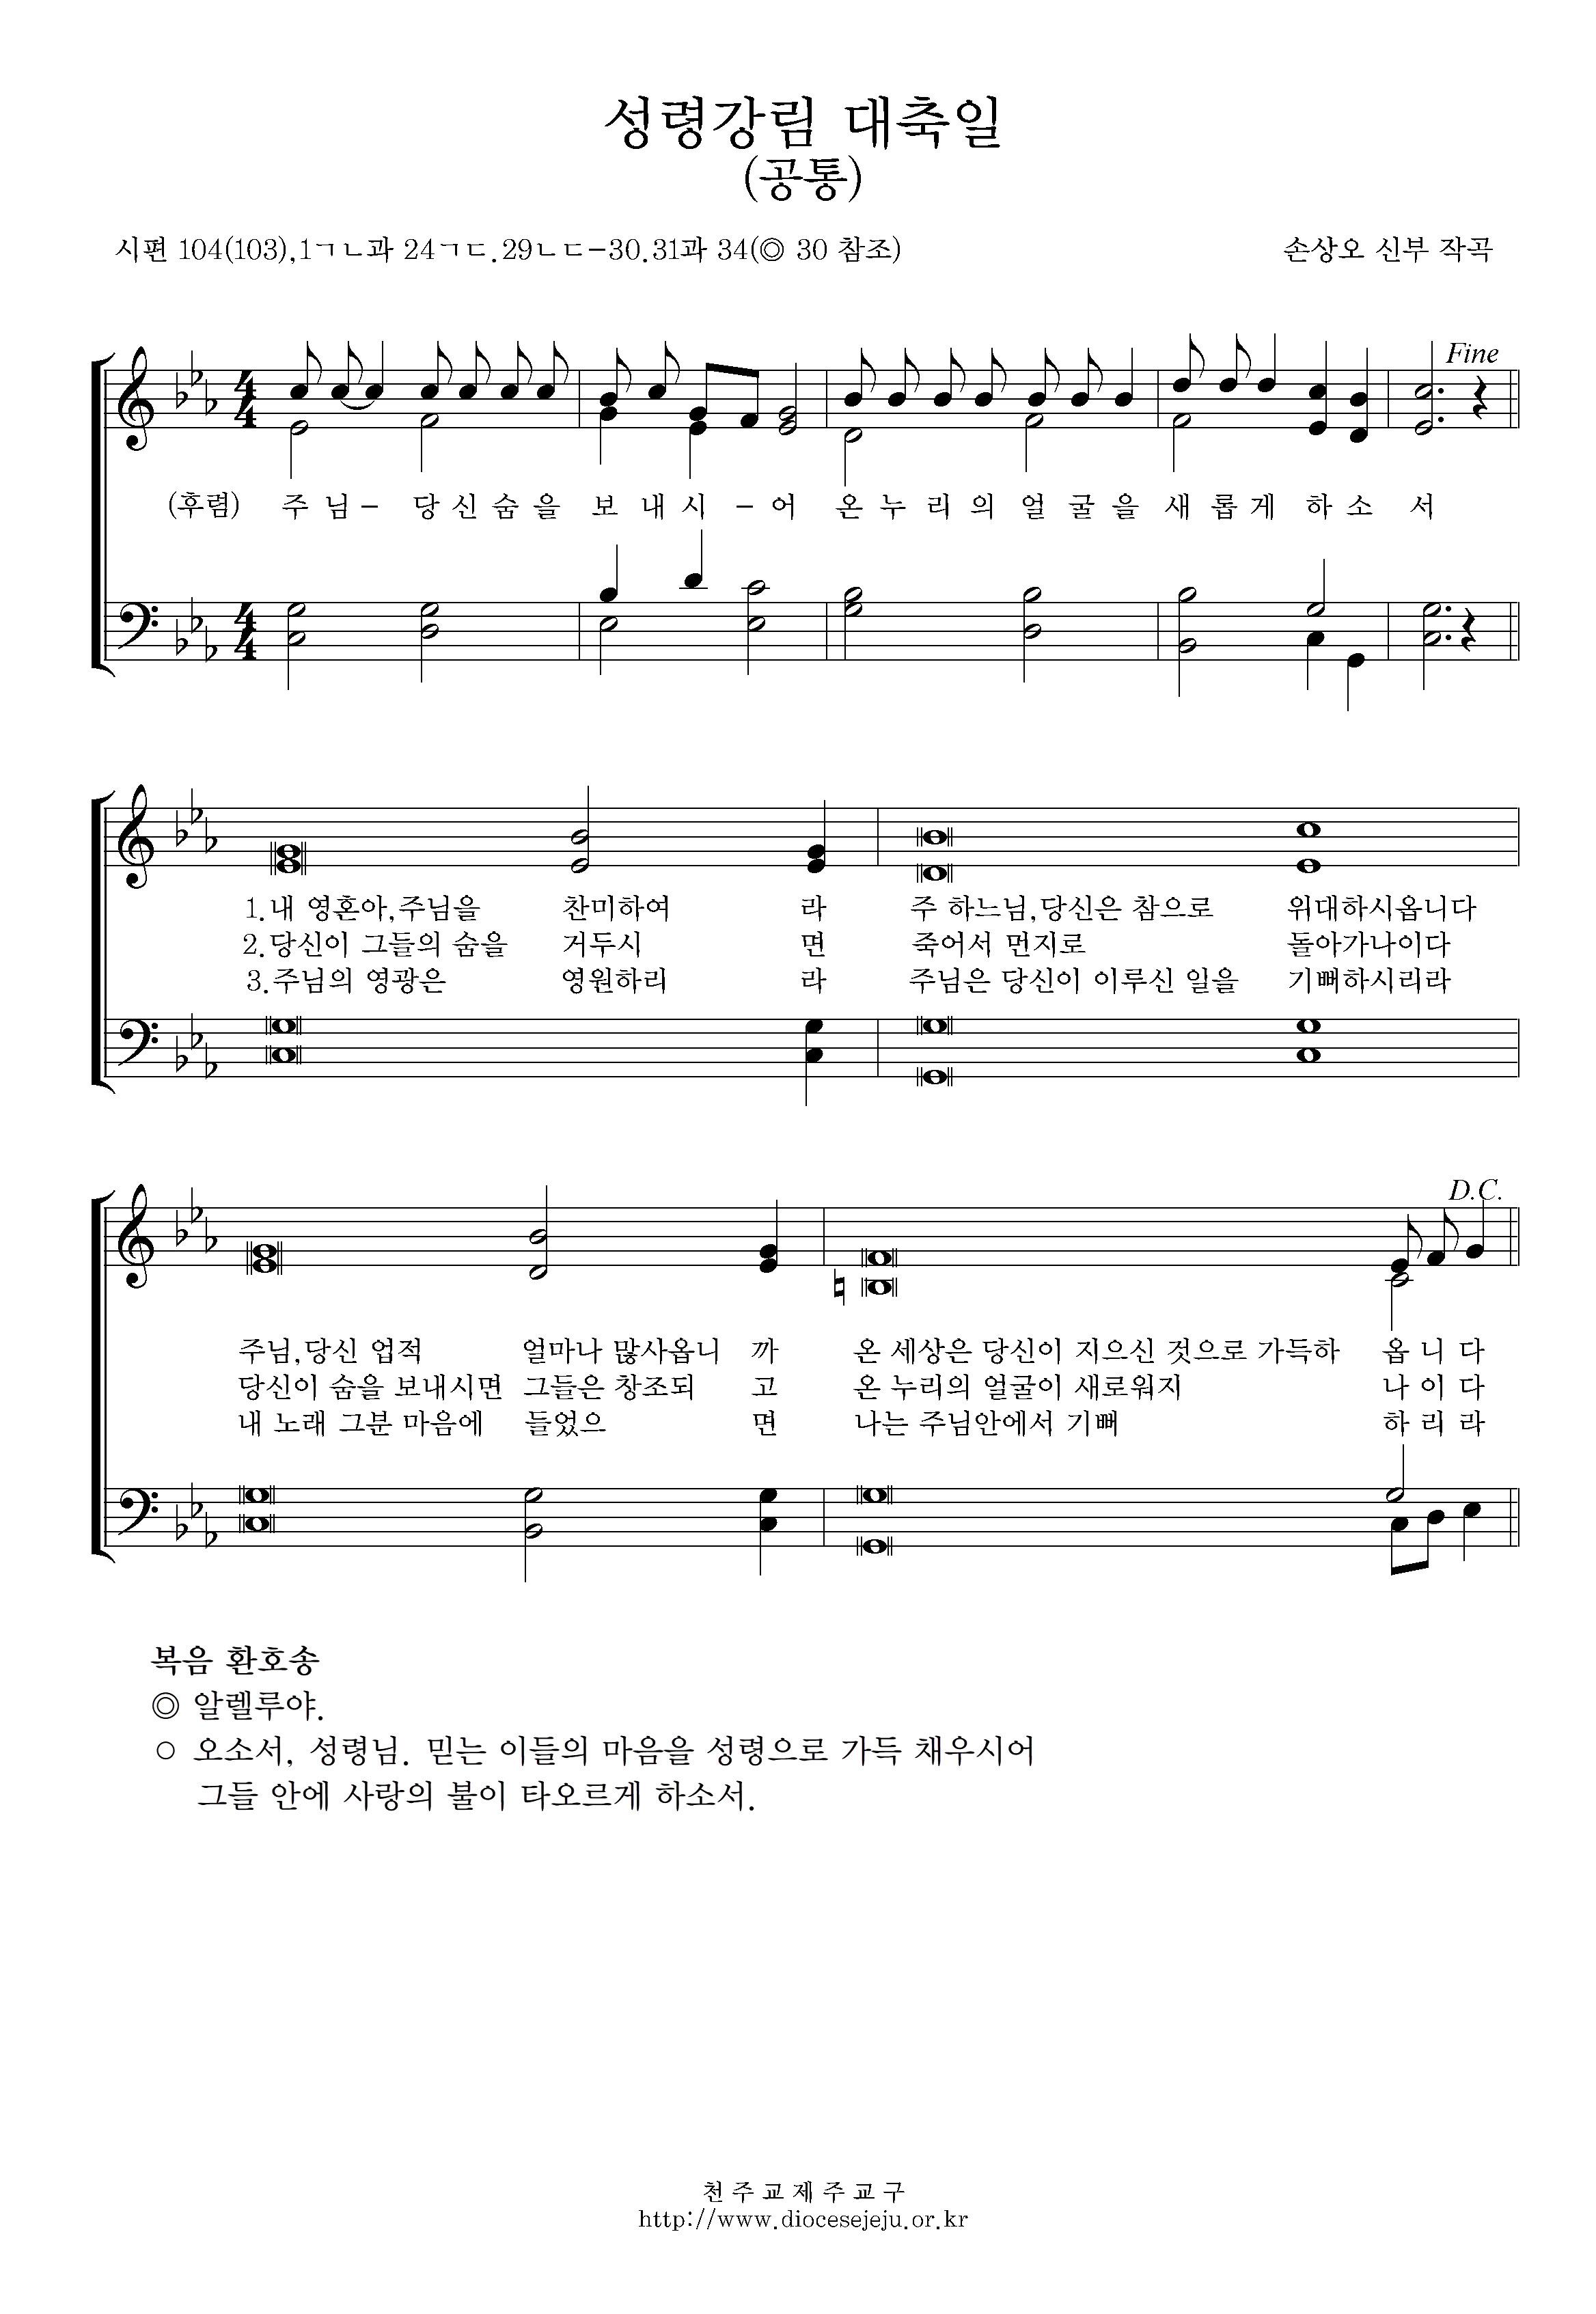 20200531-성령 강림 대축일(공통).jpg